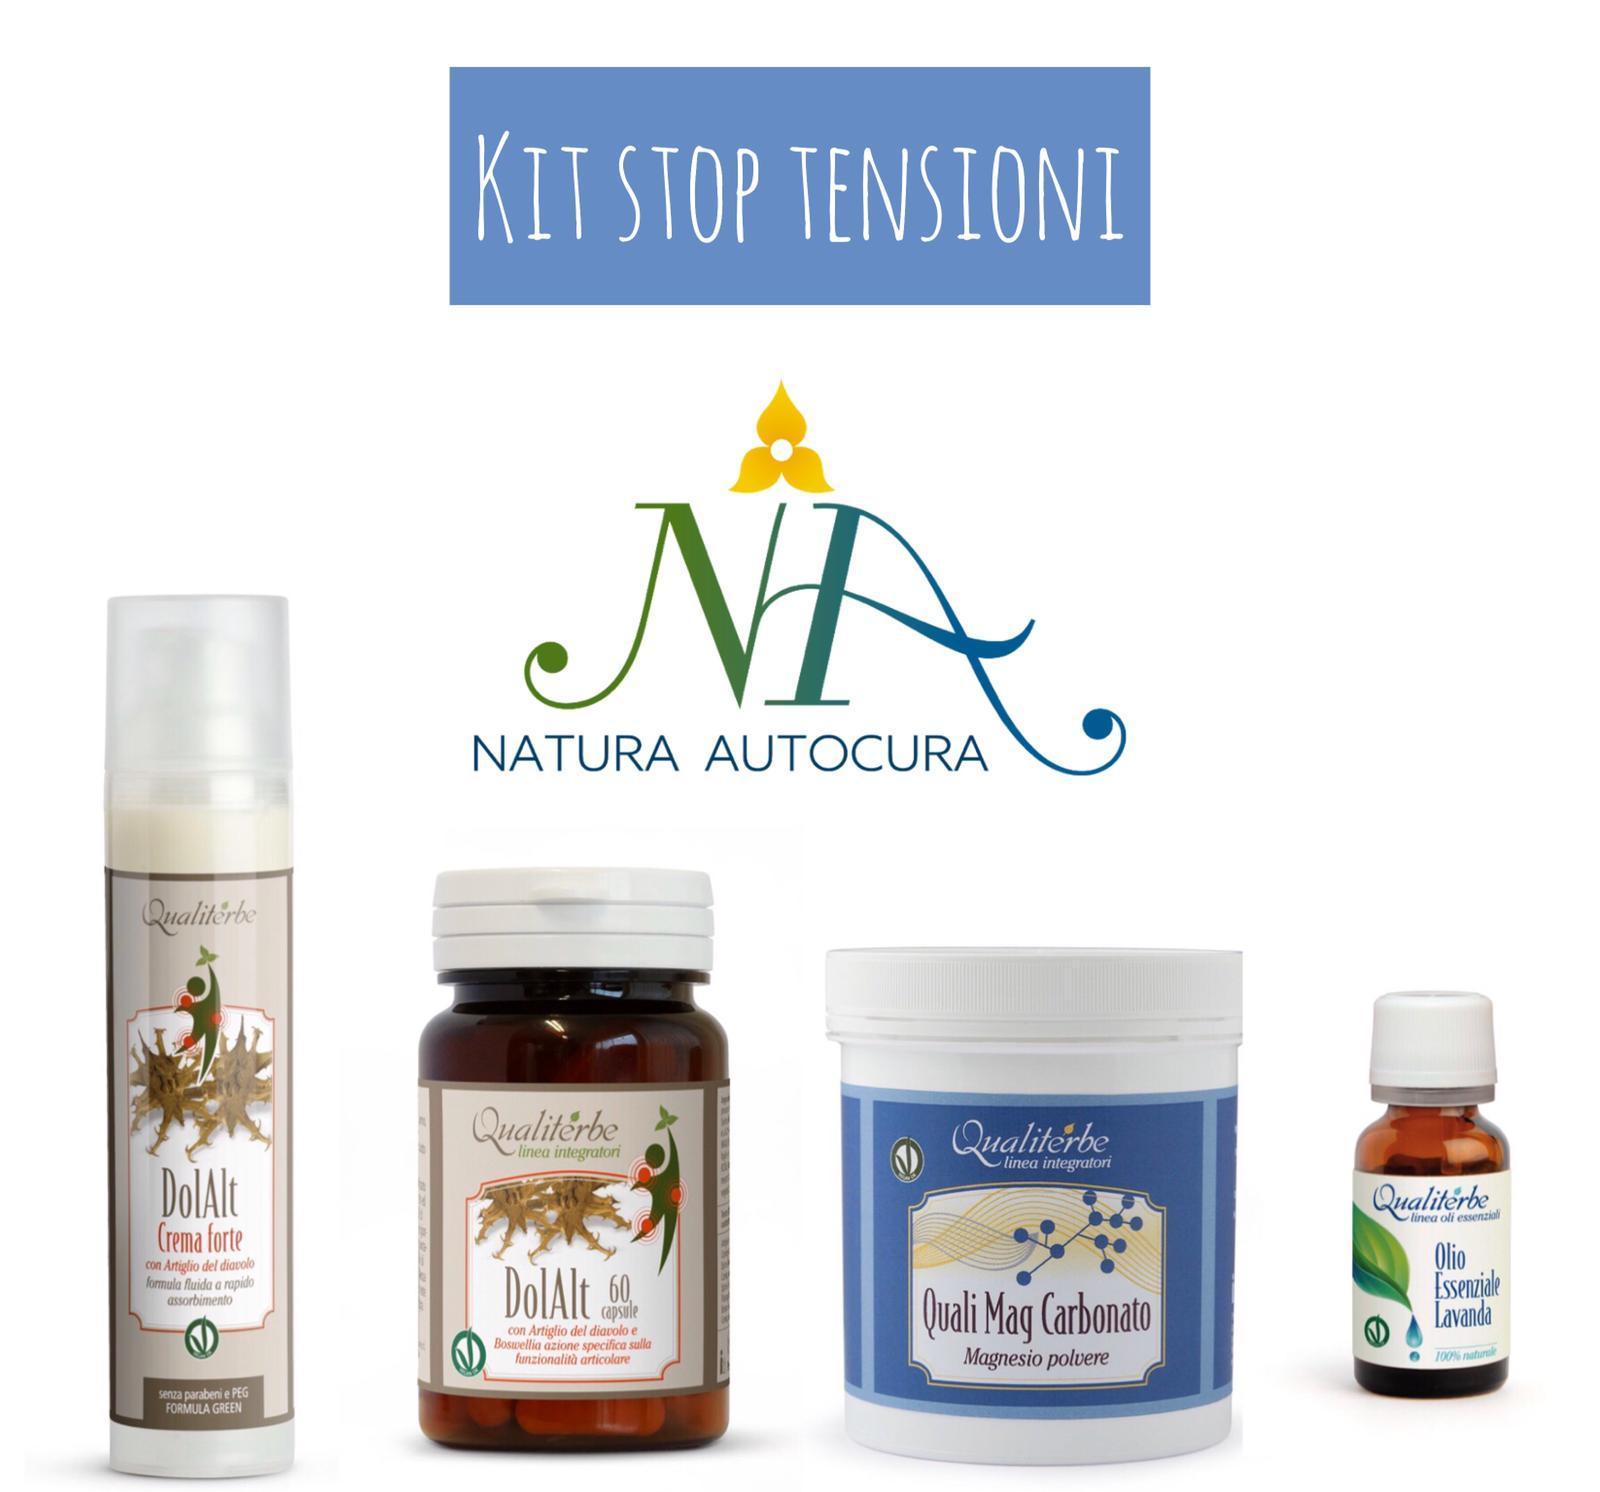 Kit Stop Tensione Per Gruppo Naturautocura